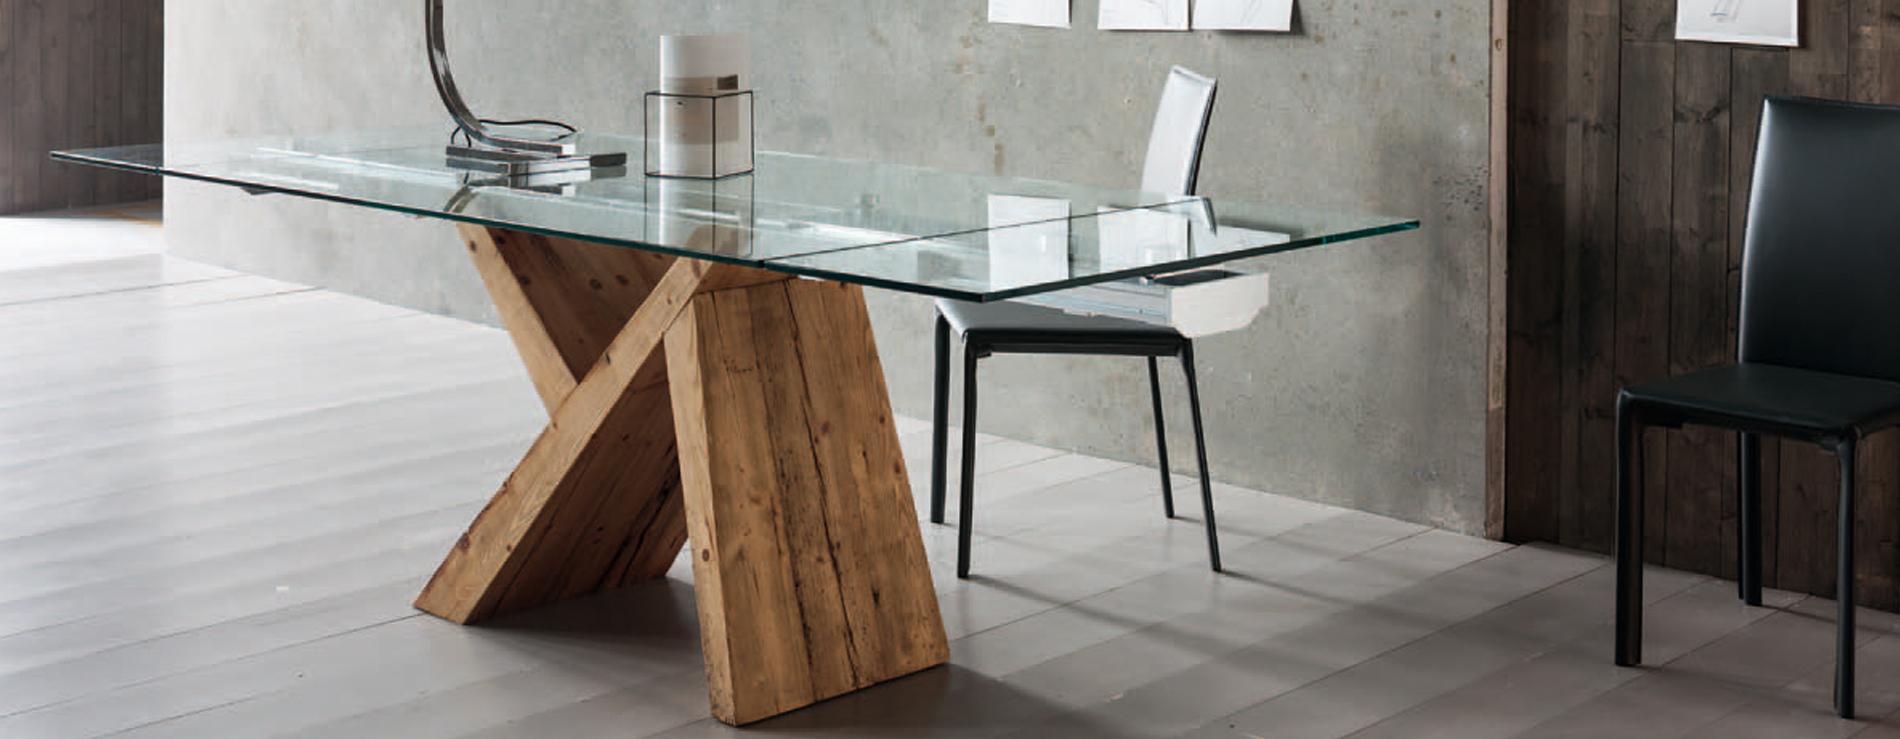 Tabi tavolo sedit centro mobili for Centro tavolo moderno